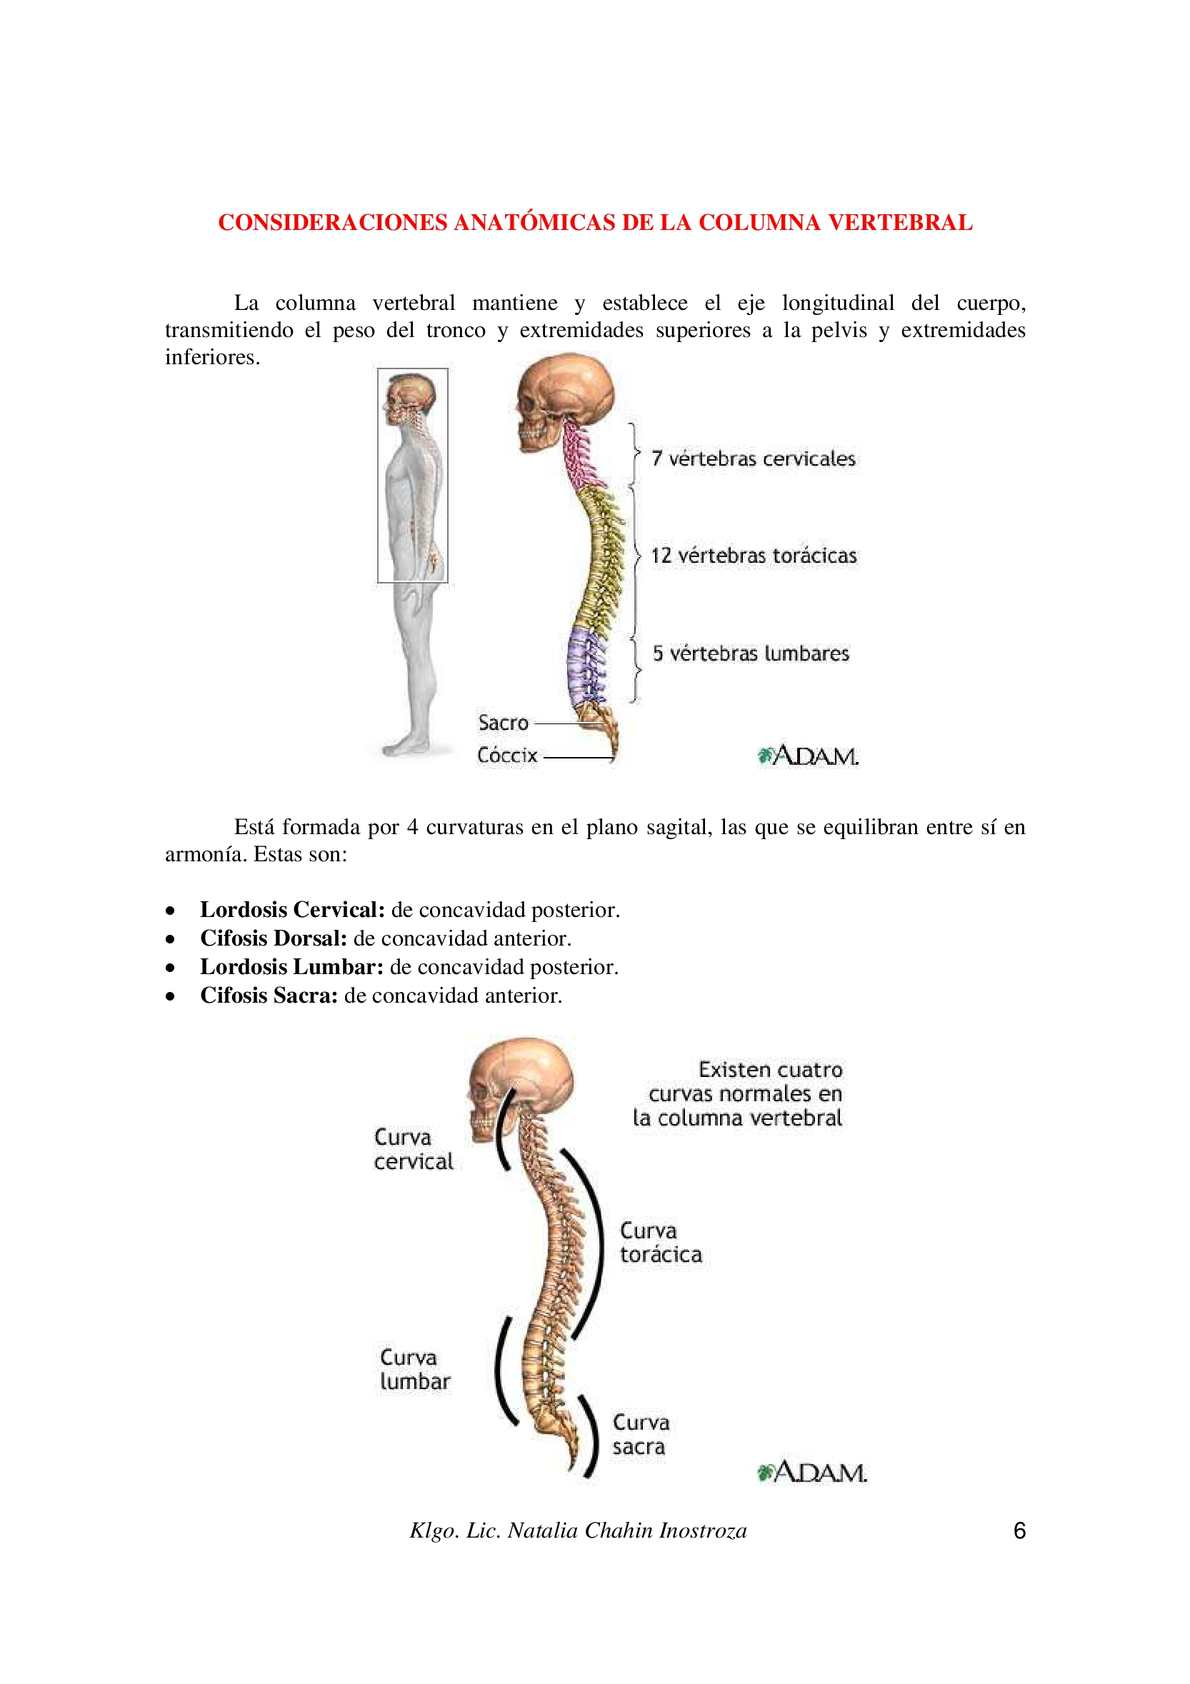 Manual de postura y alteraciones de columna vertebral - CALAMEO ...